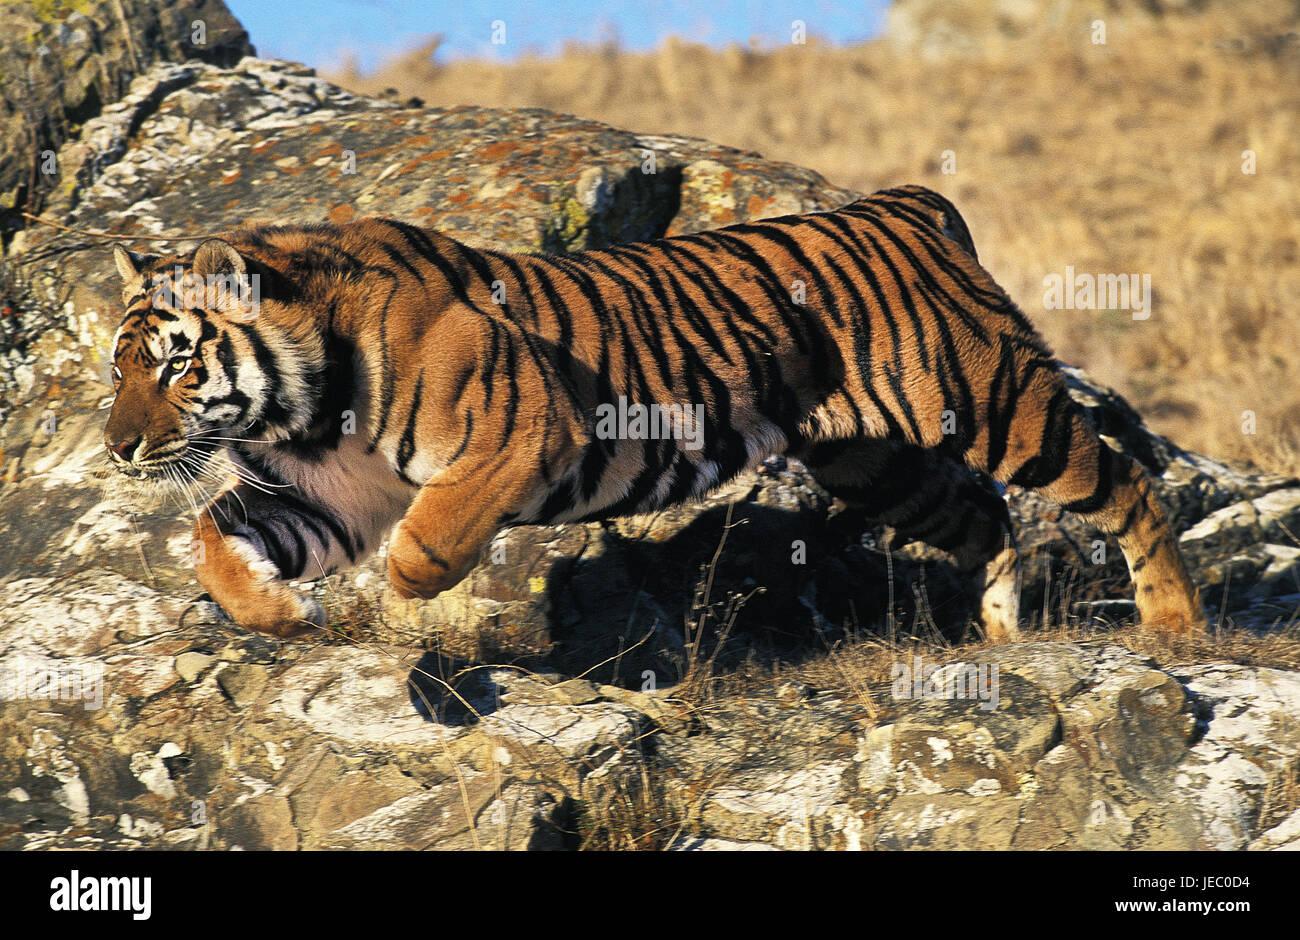 Bengali tiger, Panthera tigris tigris, adult animal, jump, rocks, - Stock Image